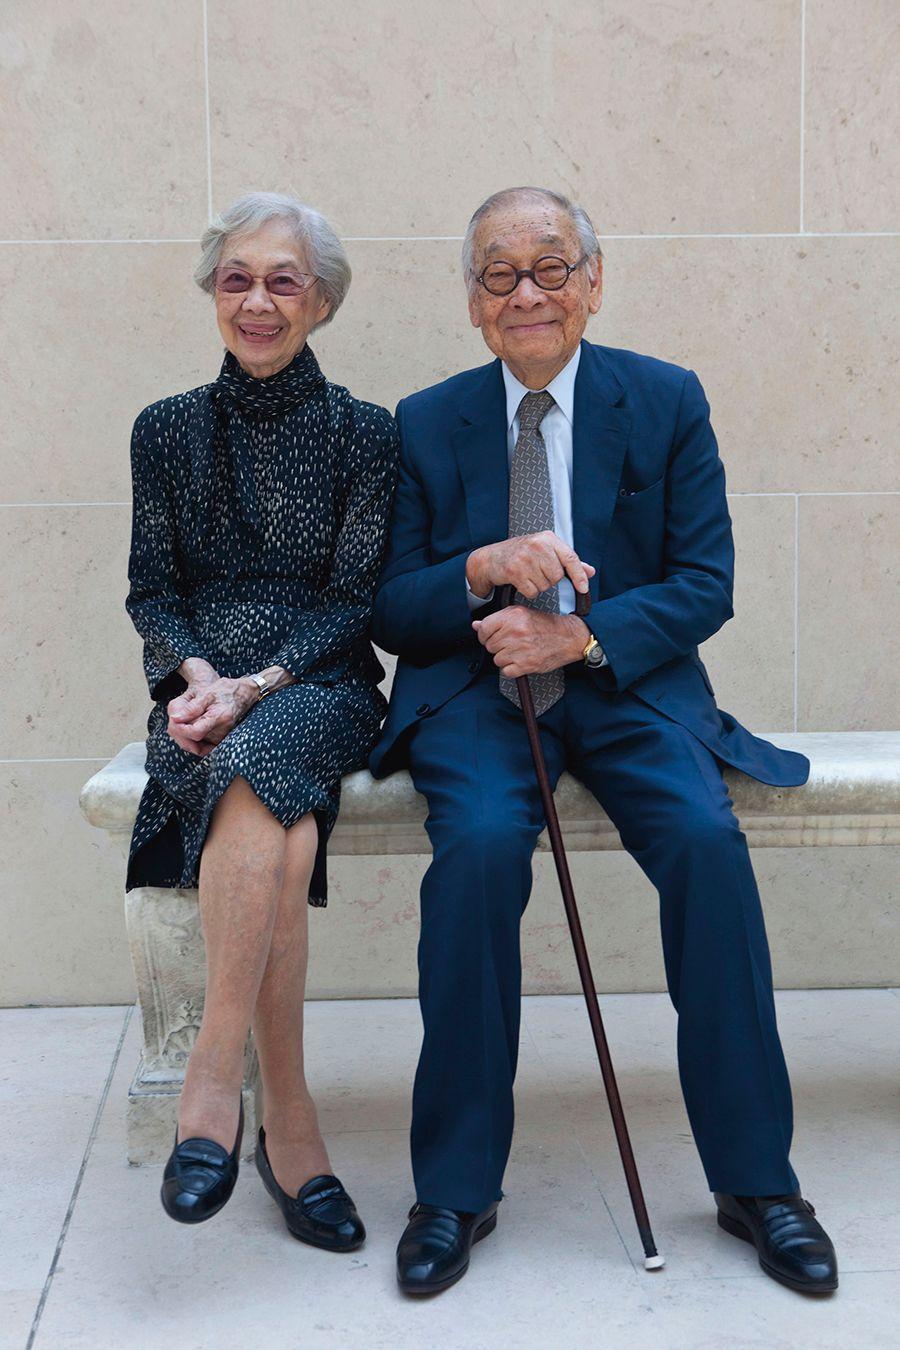 Eileen and I.M. Pei at the Musée du Louvre, Paris, 2009-2010. Photo: Frédéric REGLAIN / DIVERGENCE